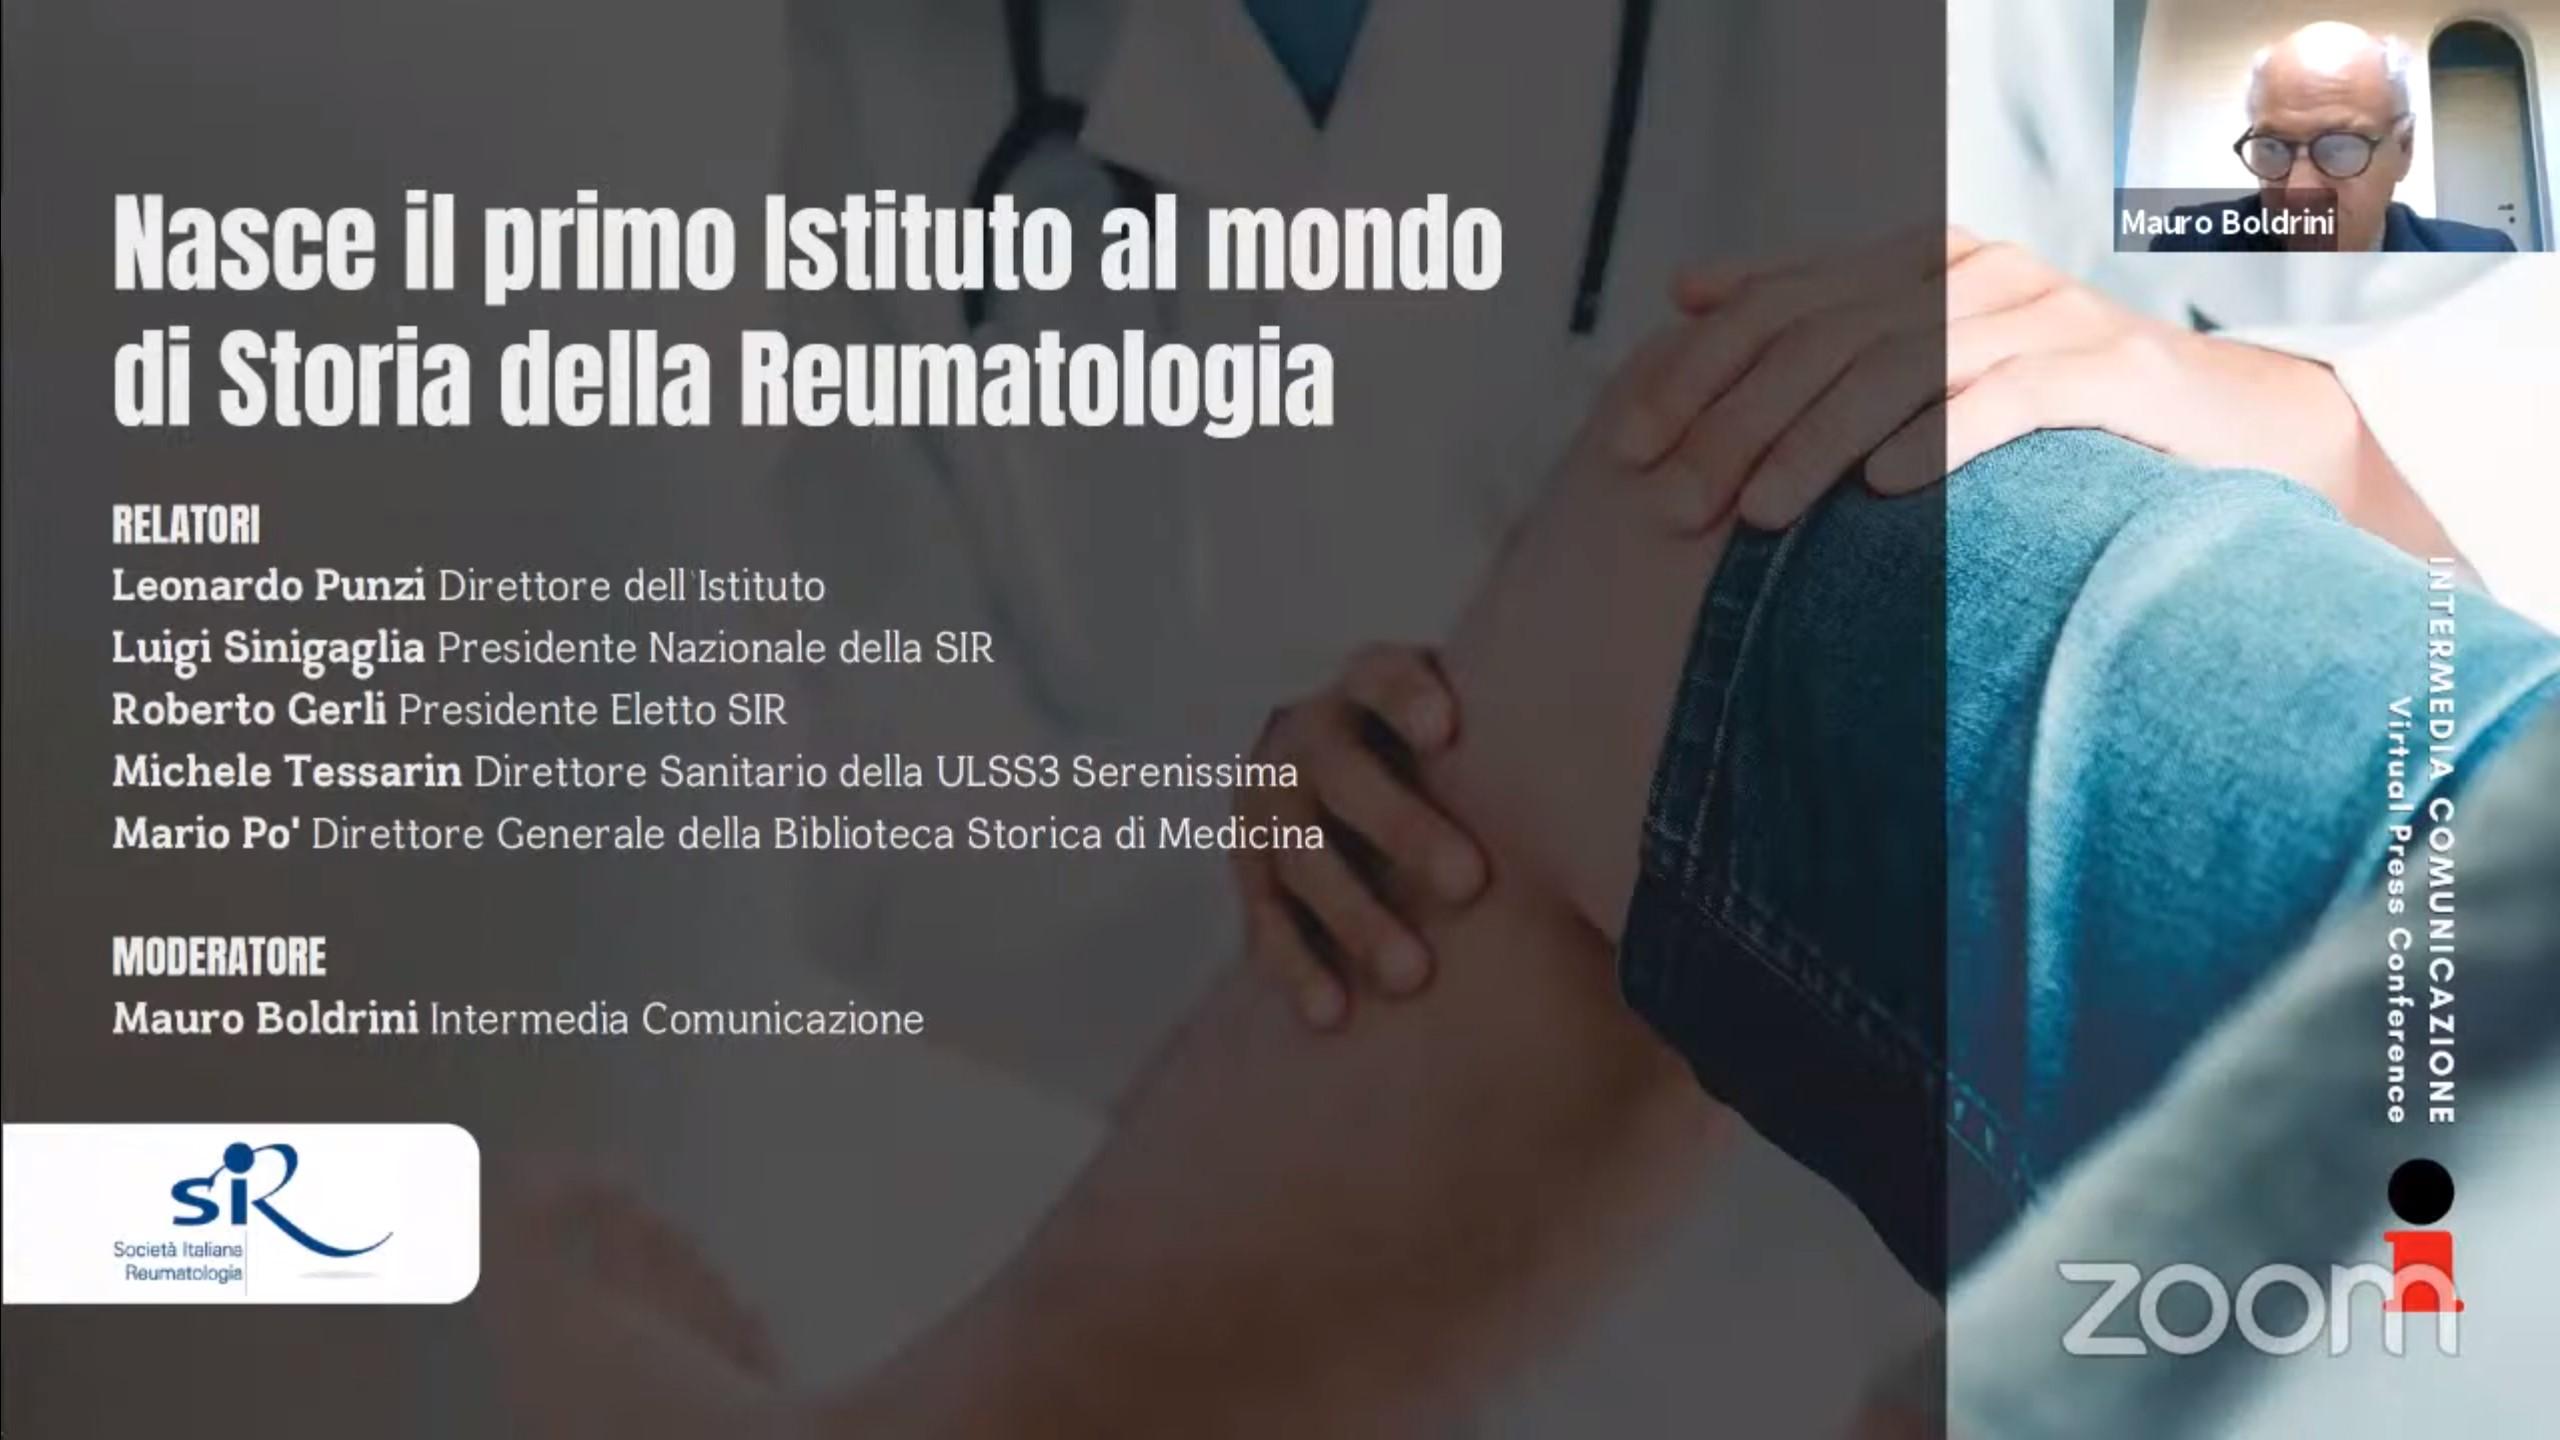 Nasce il primo istituto al mondo di Storia della Reumatologia